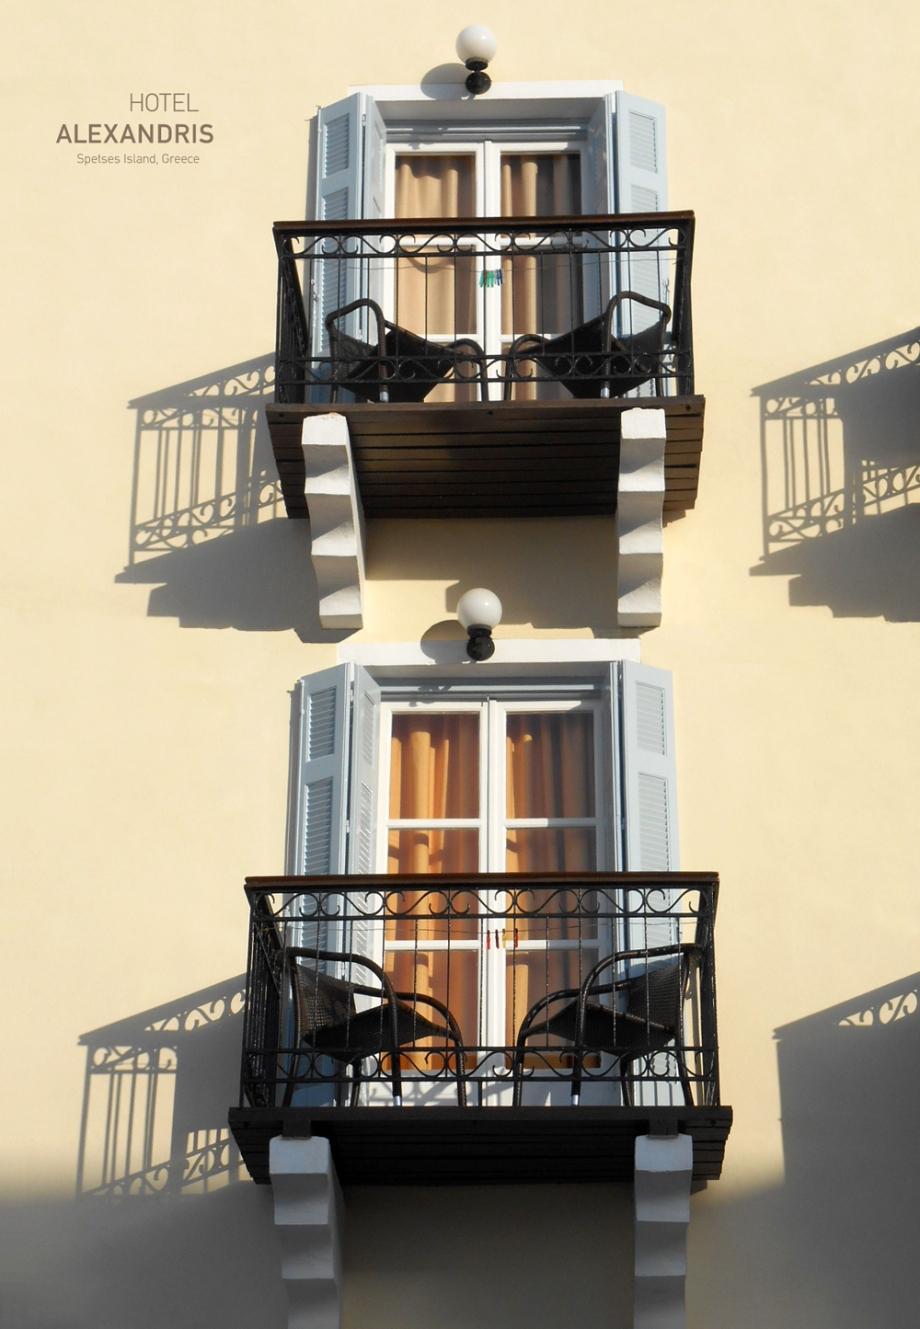 Sun_shadows_on_the_wall